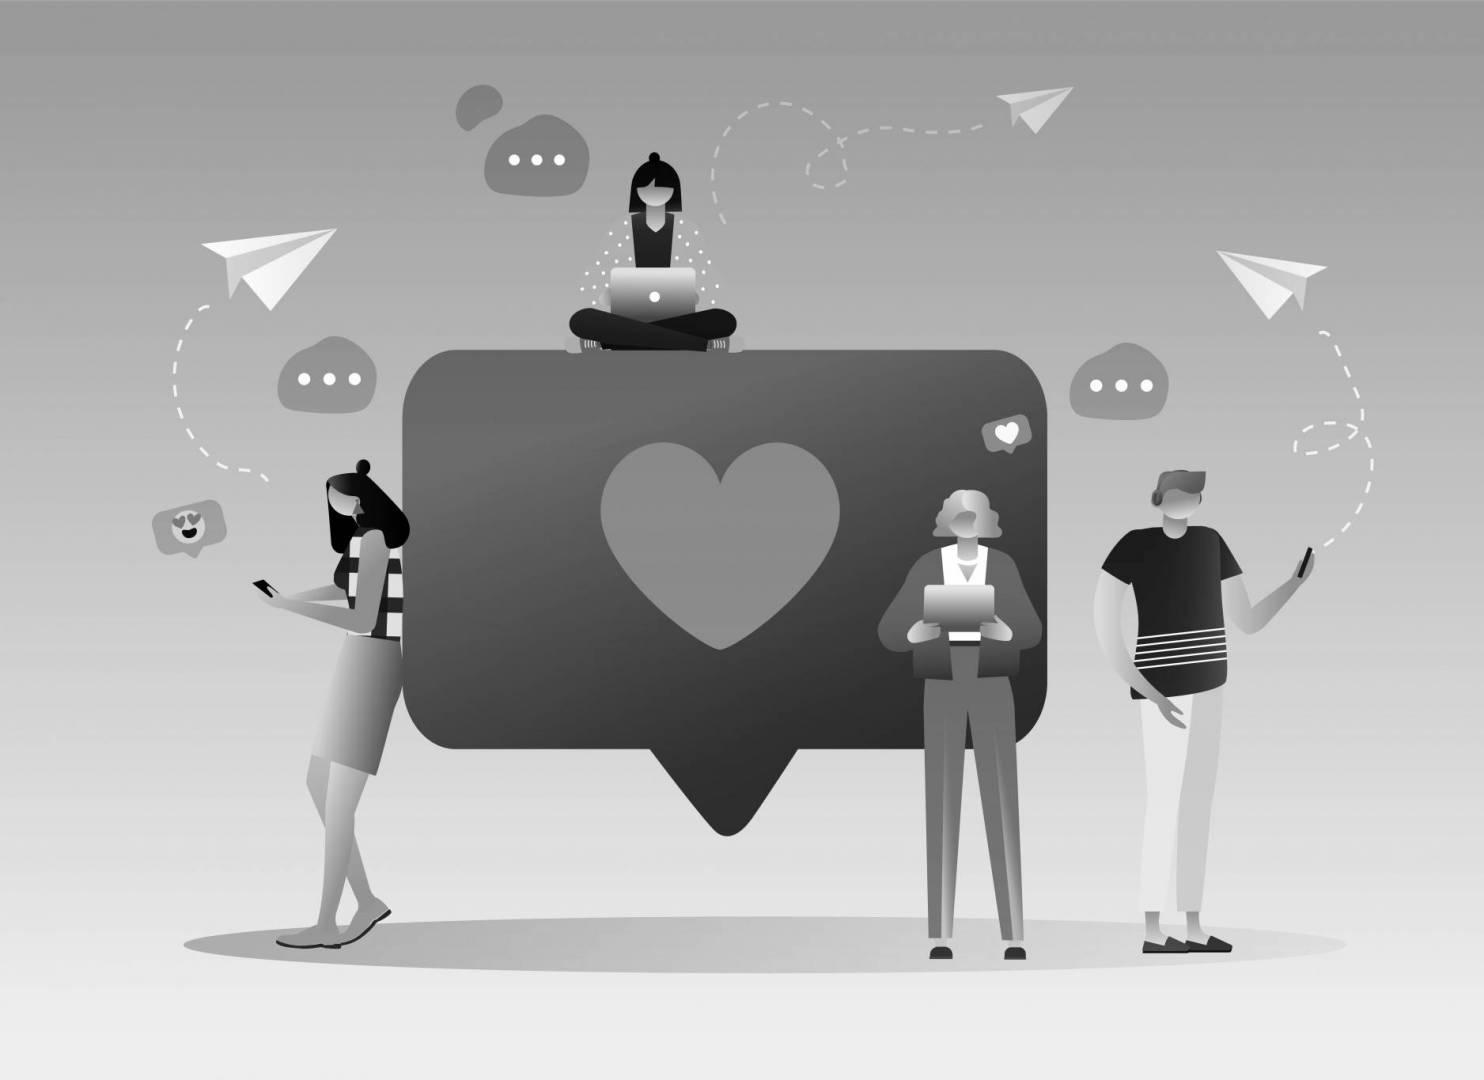 هل سيصبح الإنترنت صحيًا.. بعد حذف خاصية الإعجابات؟